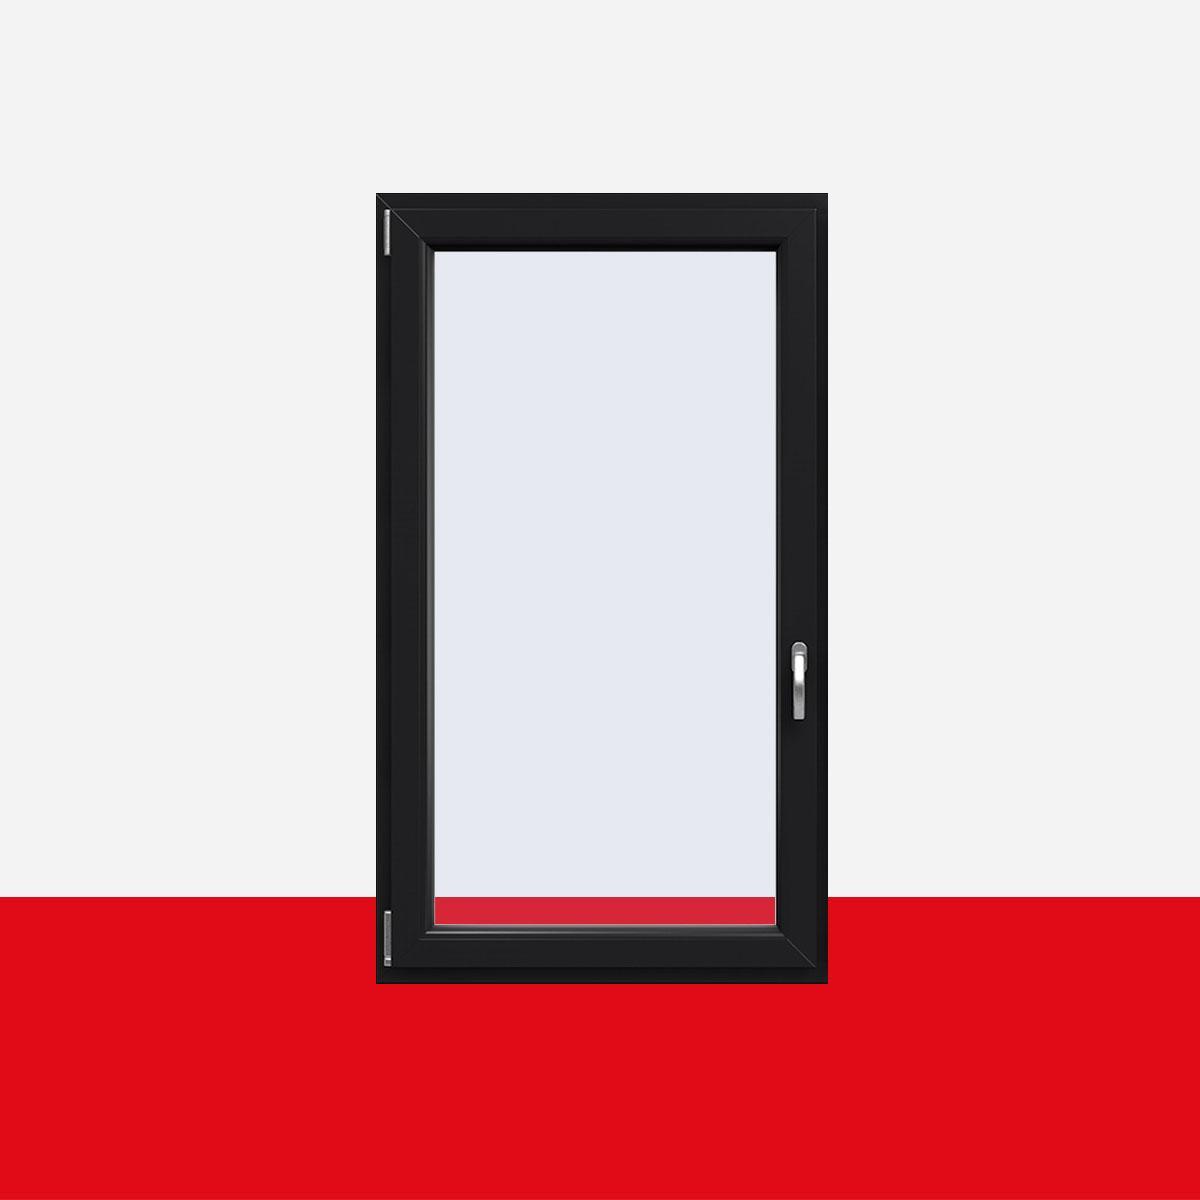 kunststofffenster anthrazitgrau innen und au en dreh. Black Bedroom Furniture Sets. Home Design Ideas